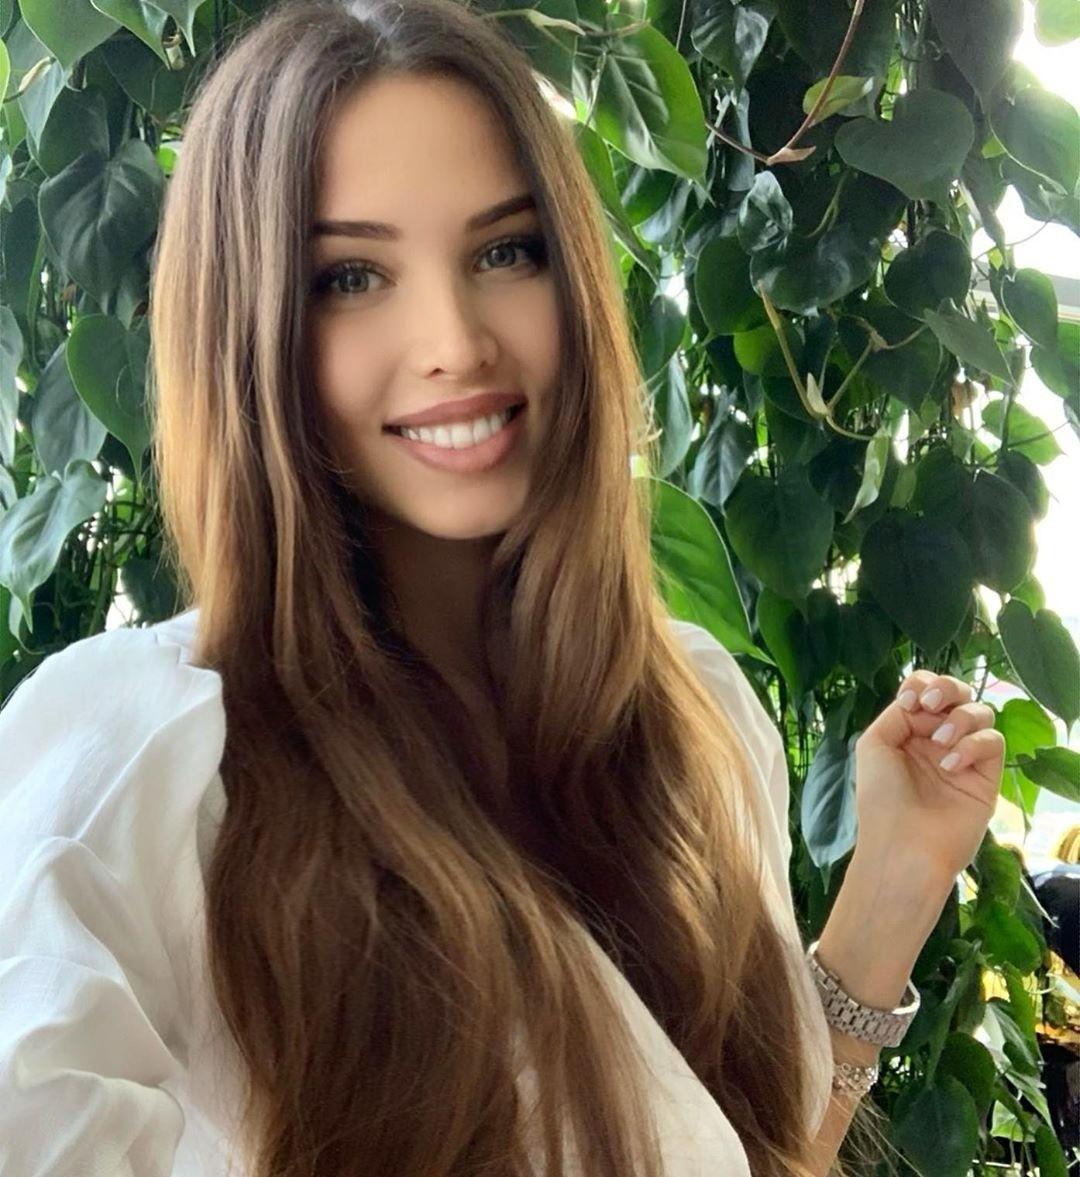 Певица Ханна рассказала, что Анастасия Решетова беременна